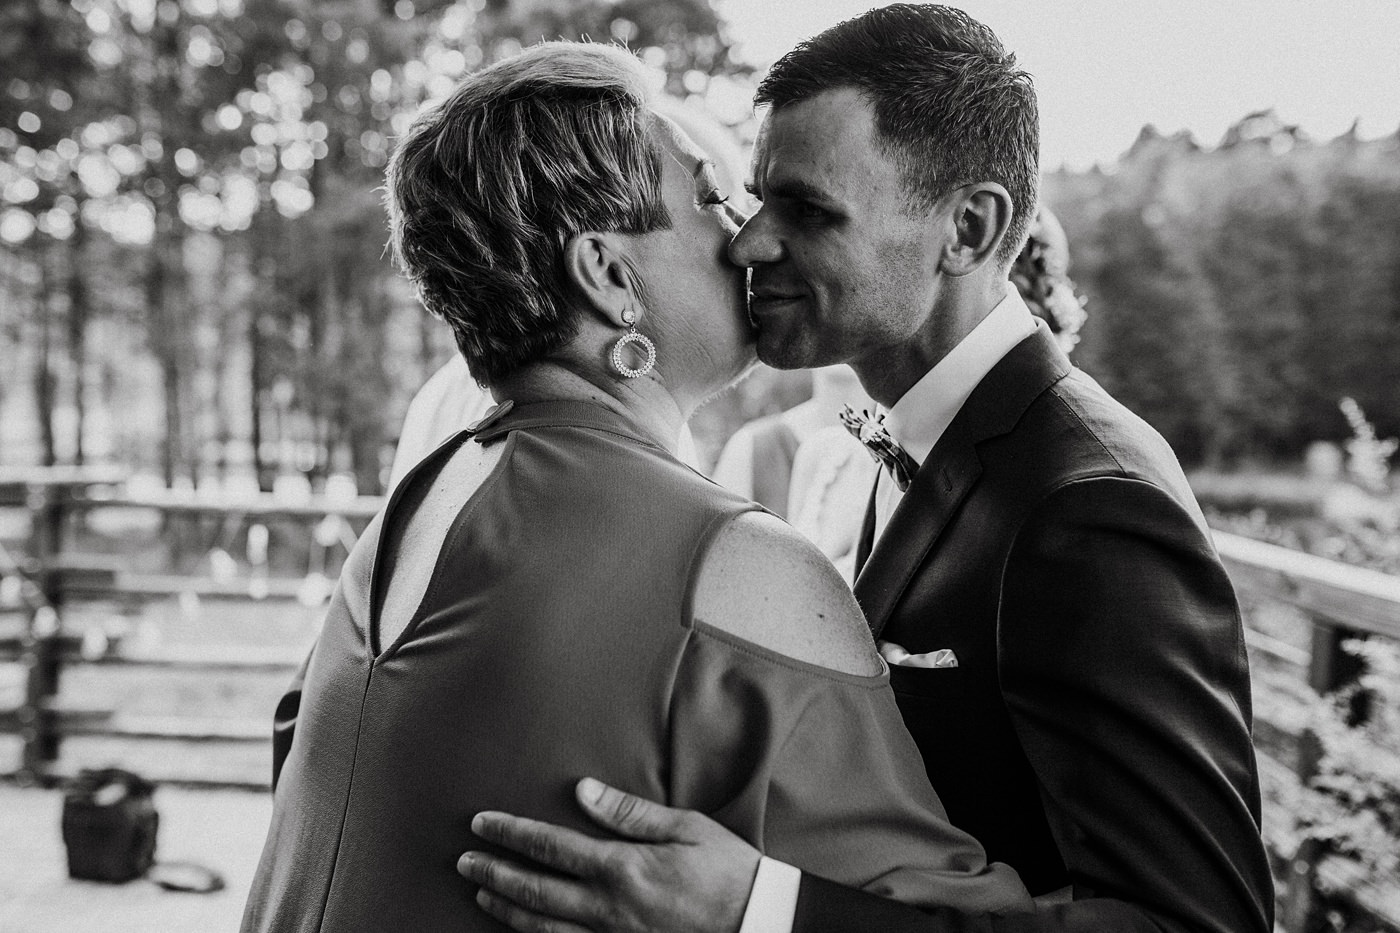 Anna & Wojtek - Ślub cywilny w plenerze - Barnówko w Sam Las 72